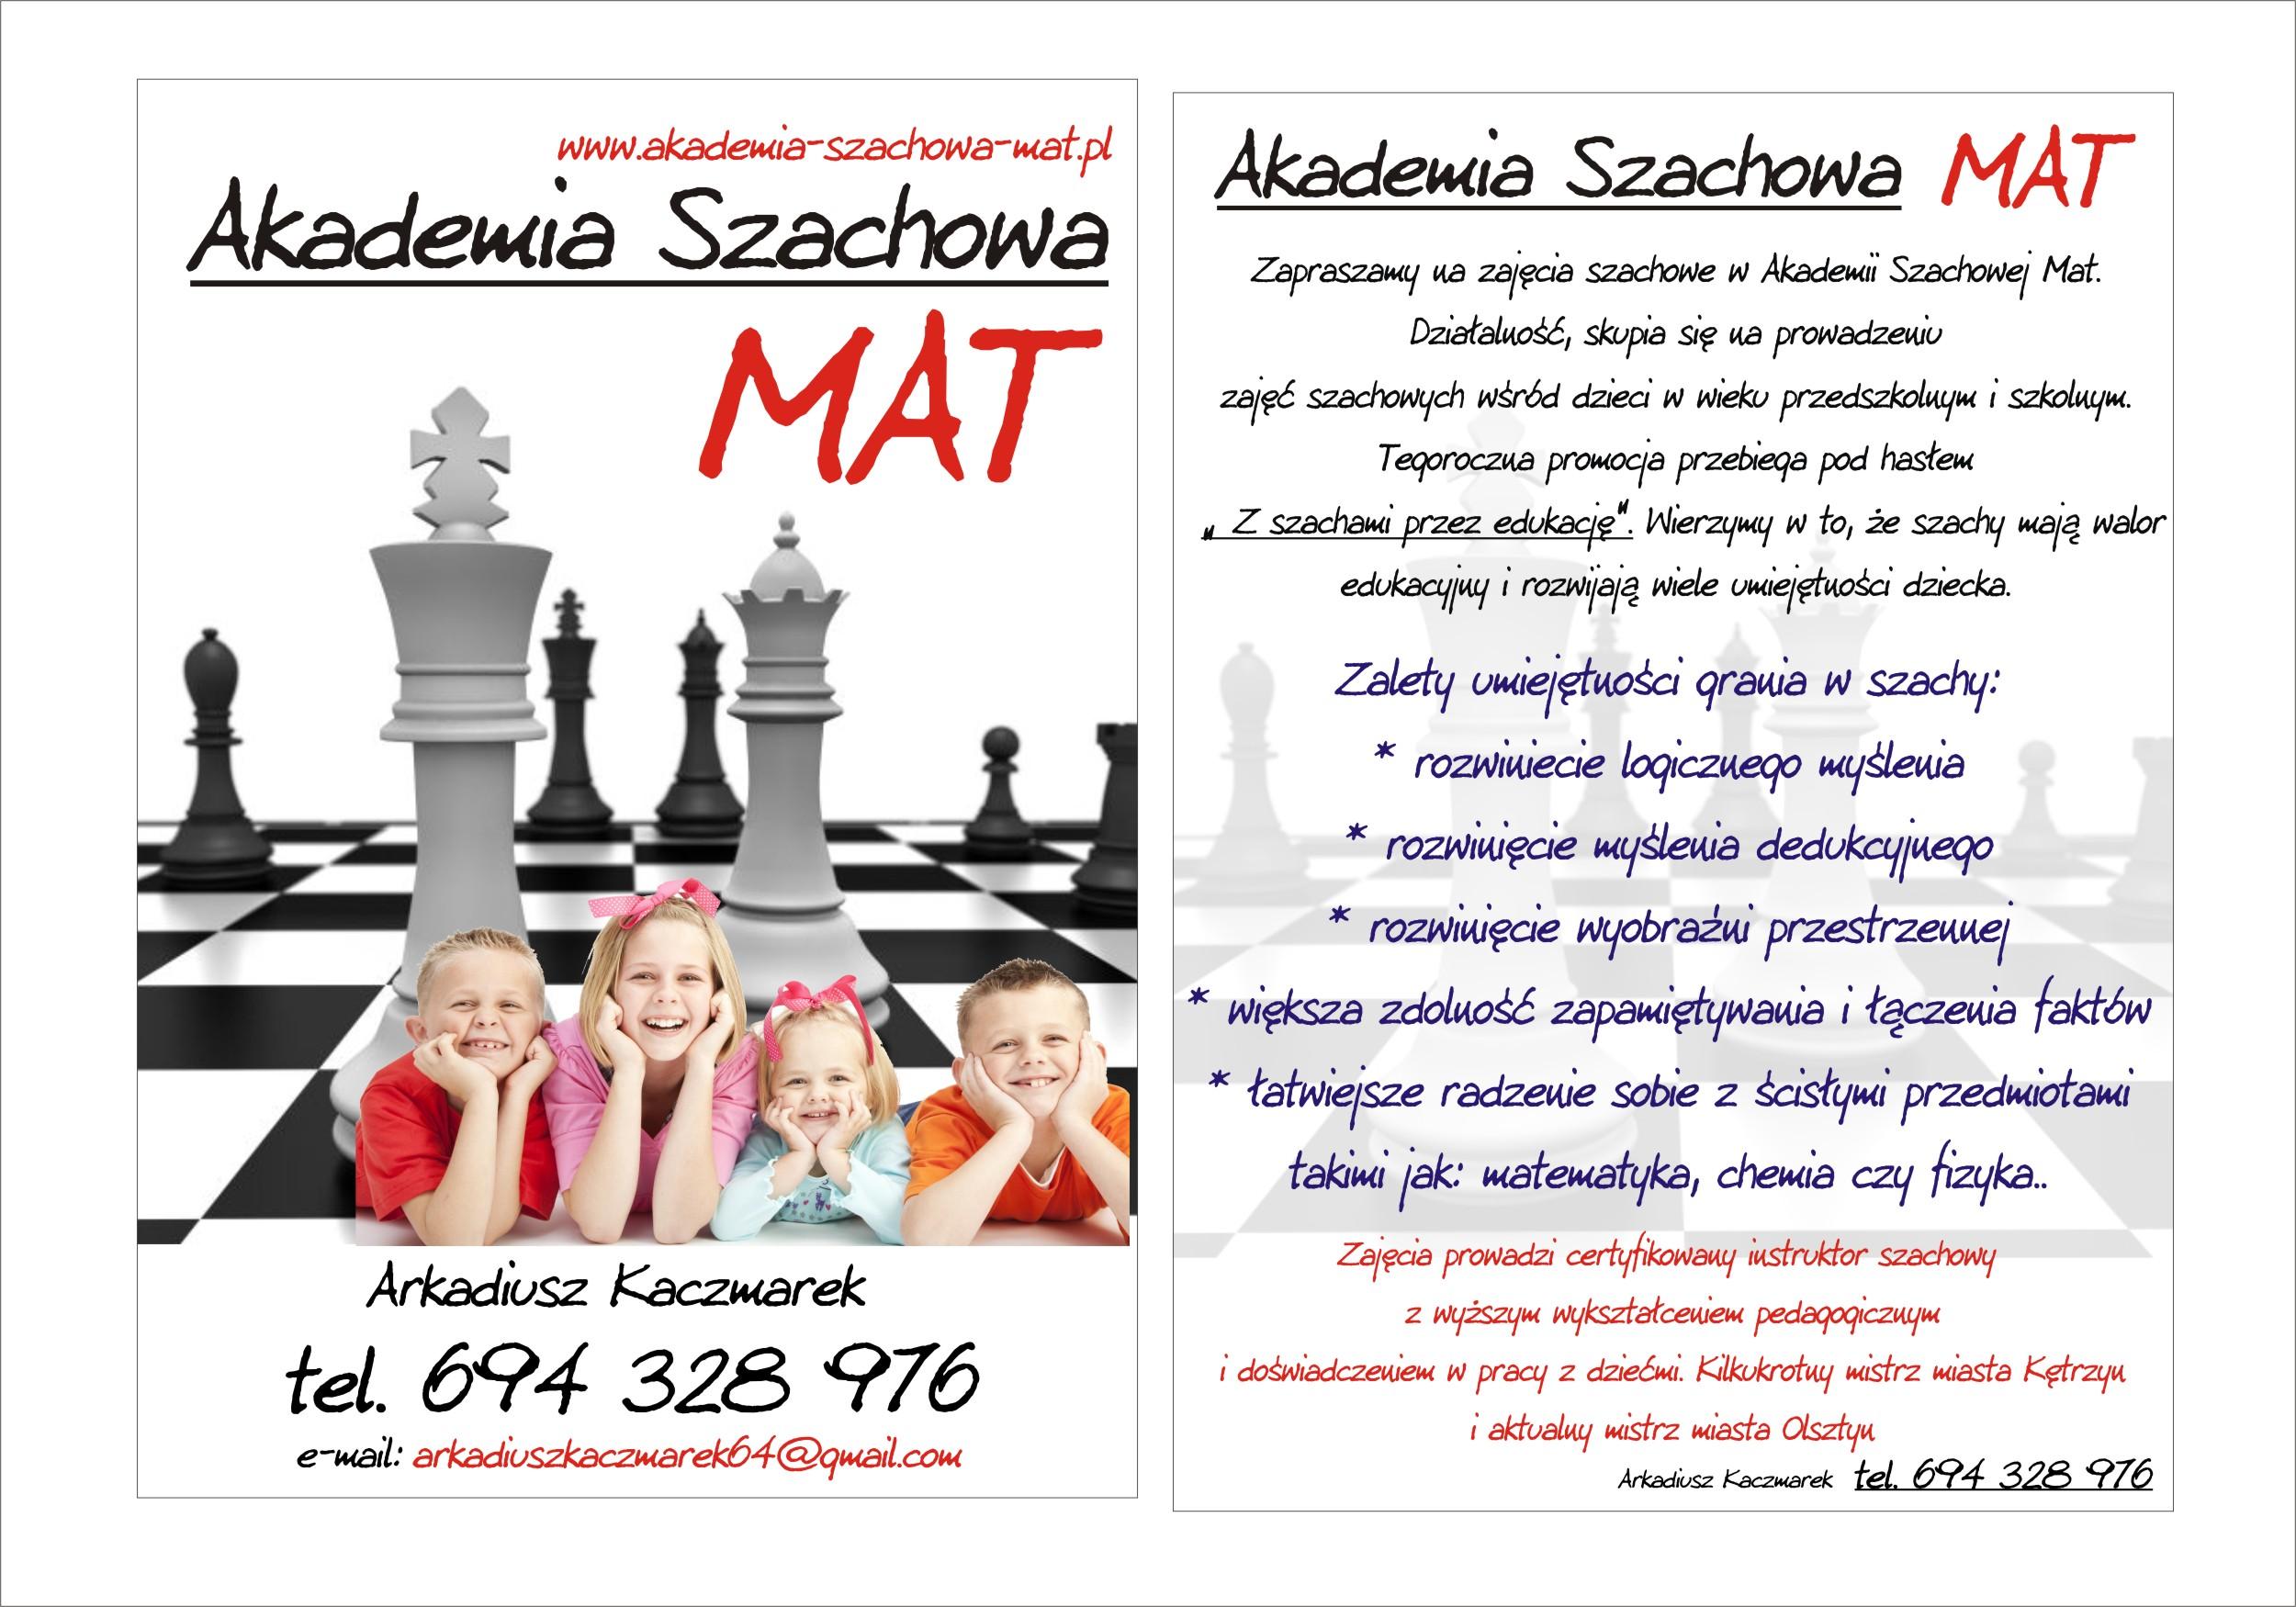 akademia szachowa mat ulotka